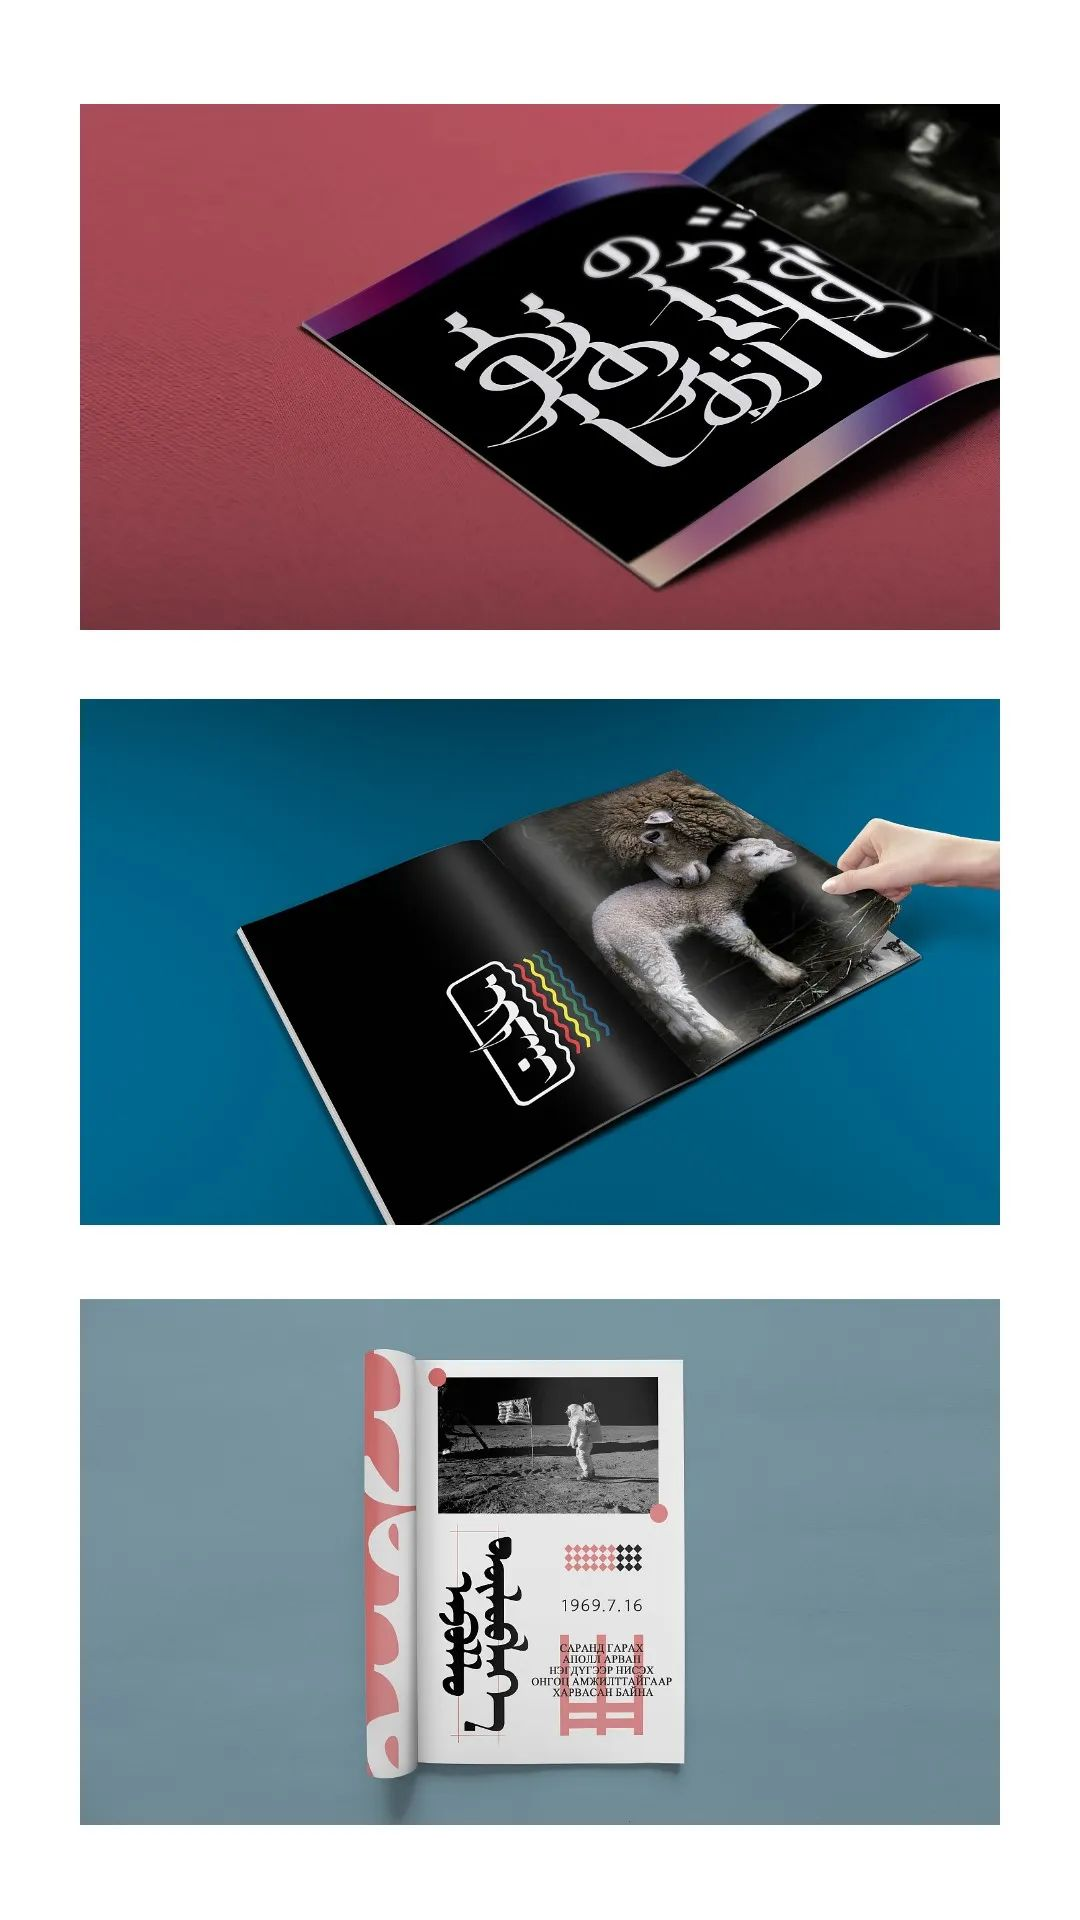 超赞的蒙元素设计-看完马上收藏 #Hotoch-Design#设计案例 第14张 超赞的蒙元素设计-看完马上收藏 #Hotoch-Design#设计案例 蒙古设计